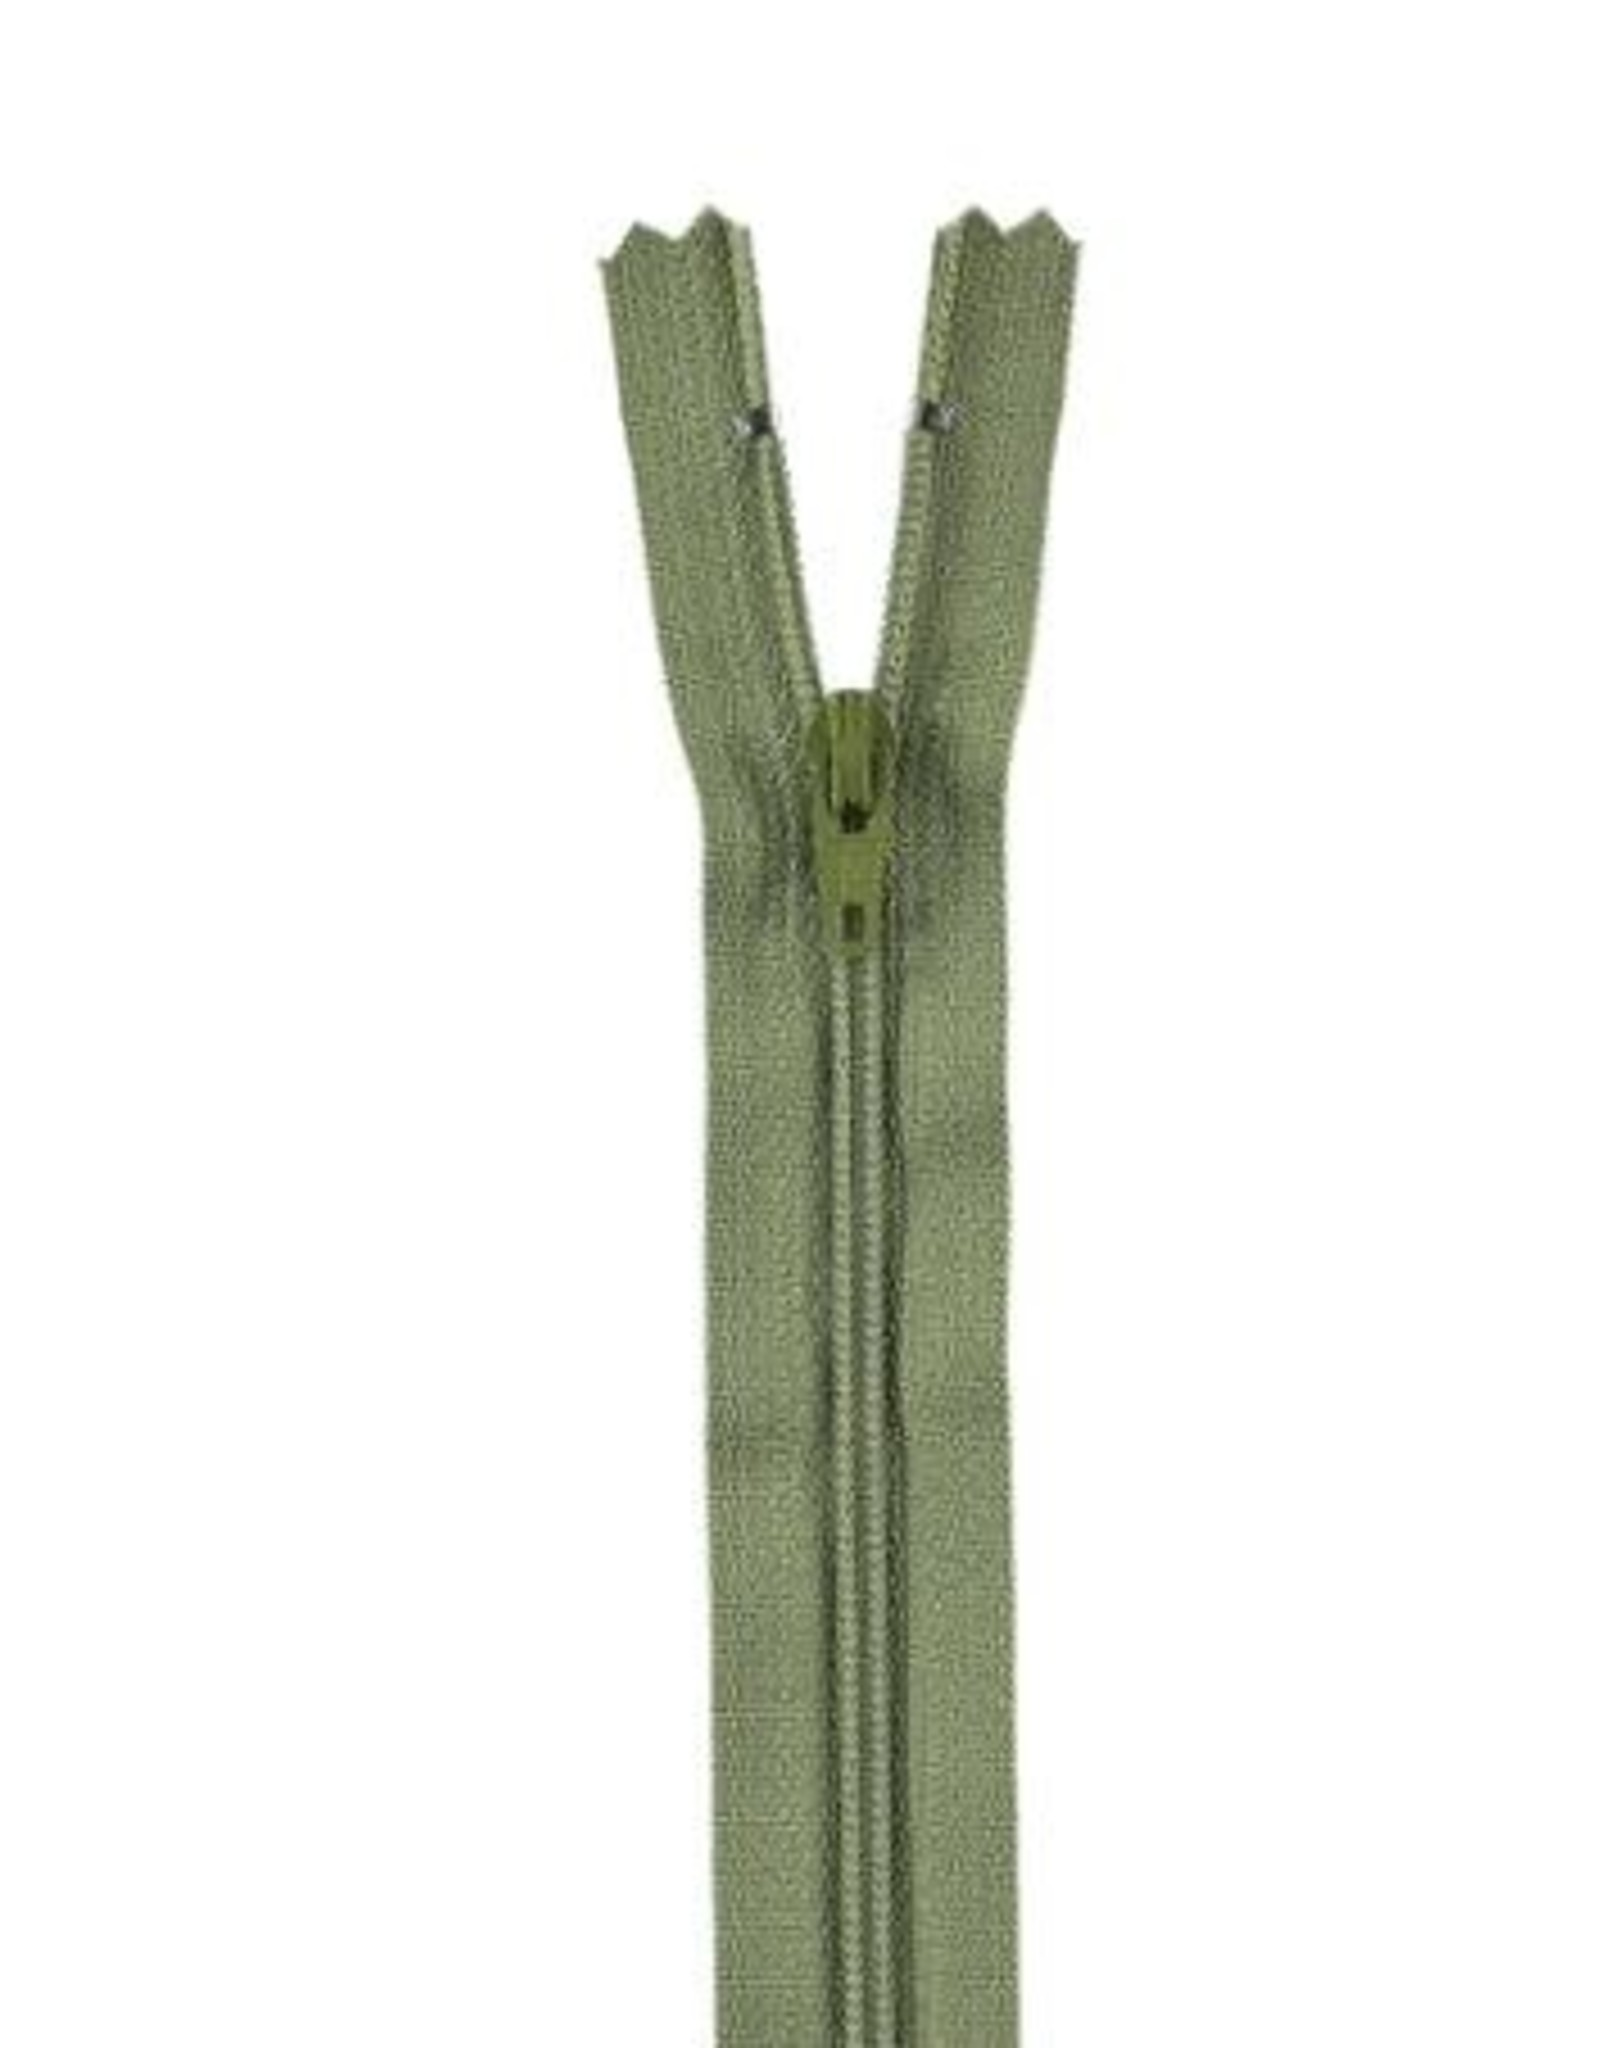 YKK Spiraalrits niet-DB 3mm mosgroen 888-40cm